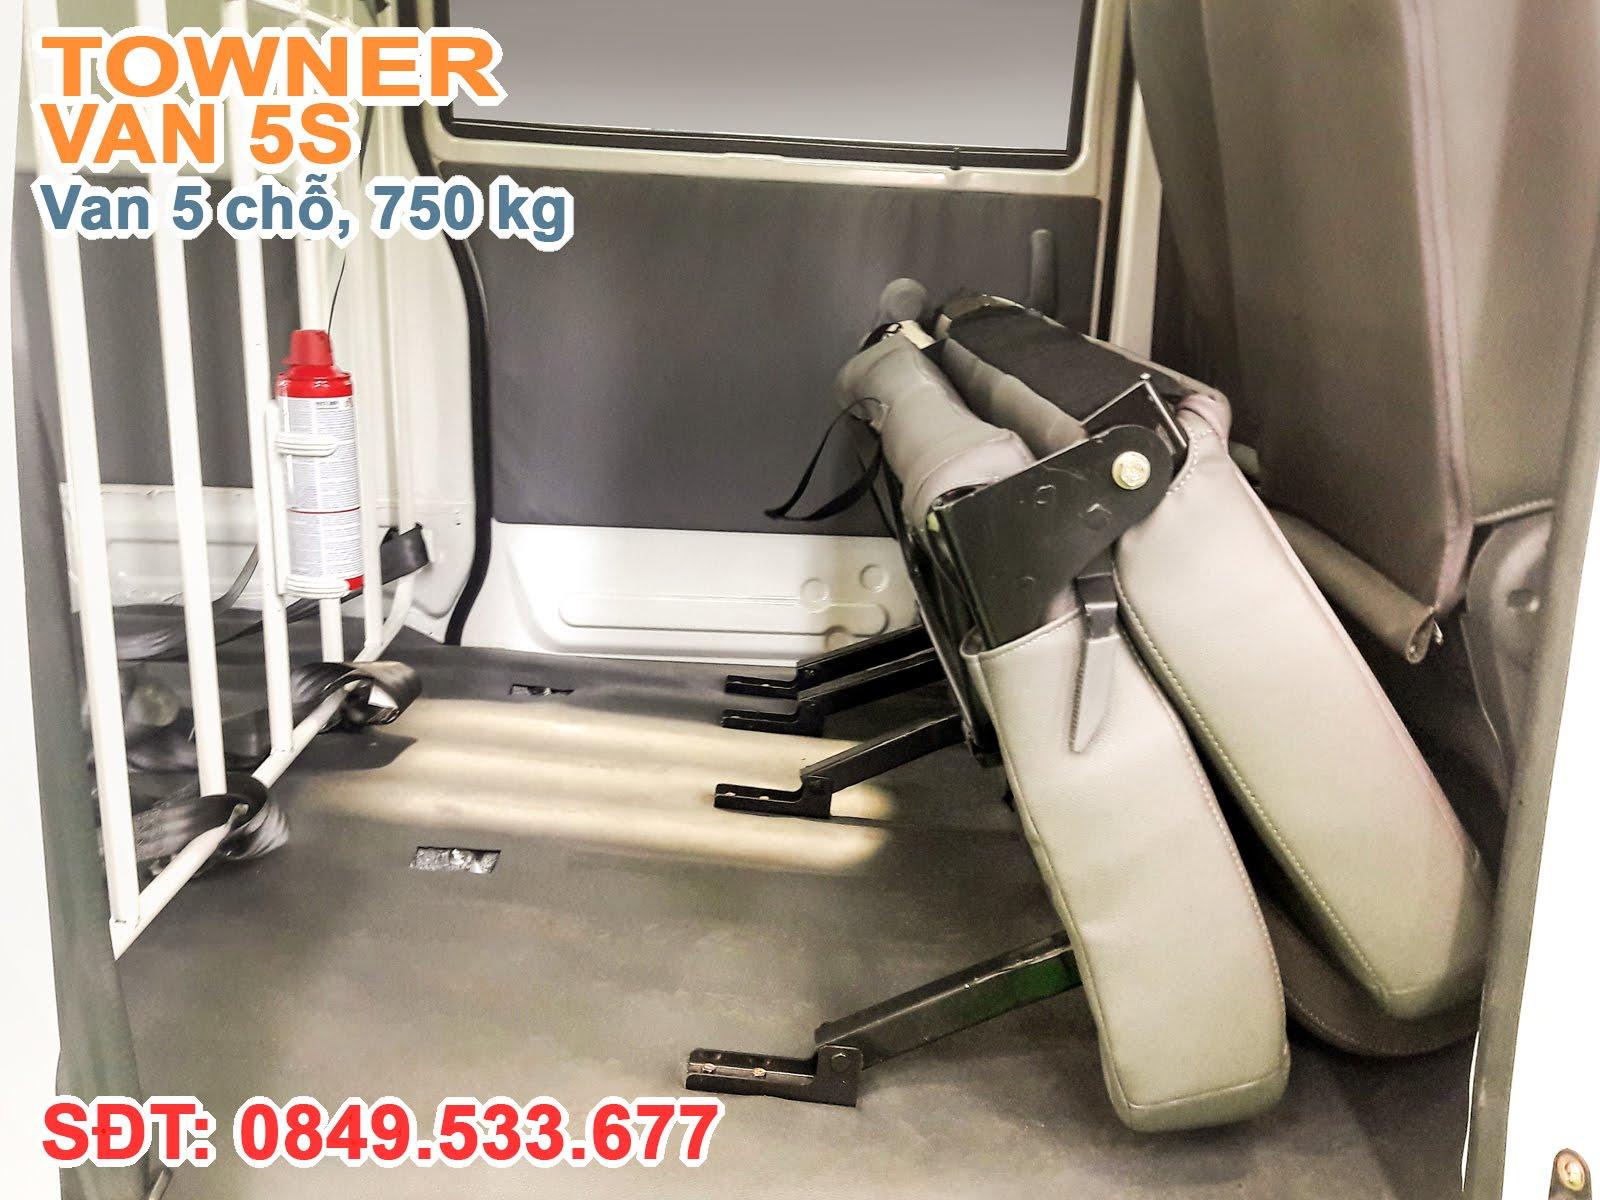 Xe thaco Towner 5S, Băng ghế sau được thiết kế có thể gấp gọn về phía trước để tận dụng không gian chở hàng khi cần thiết